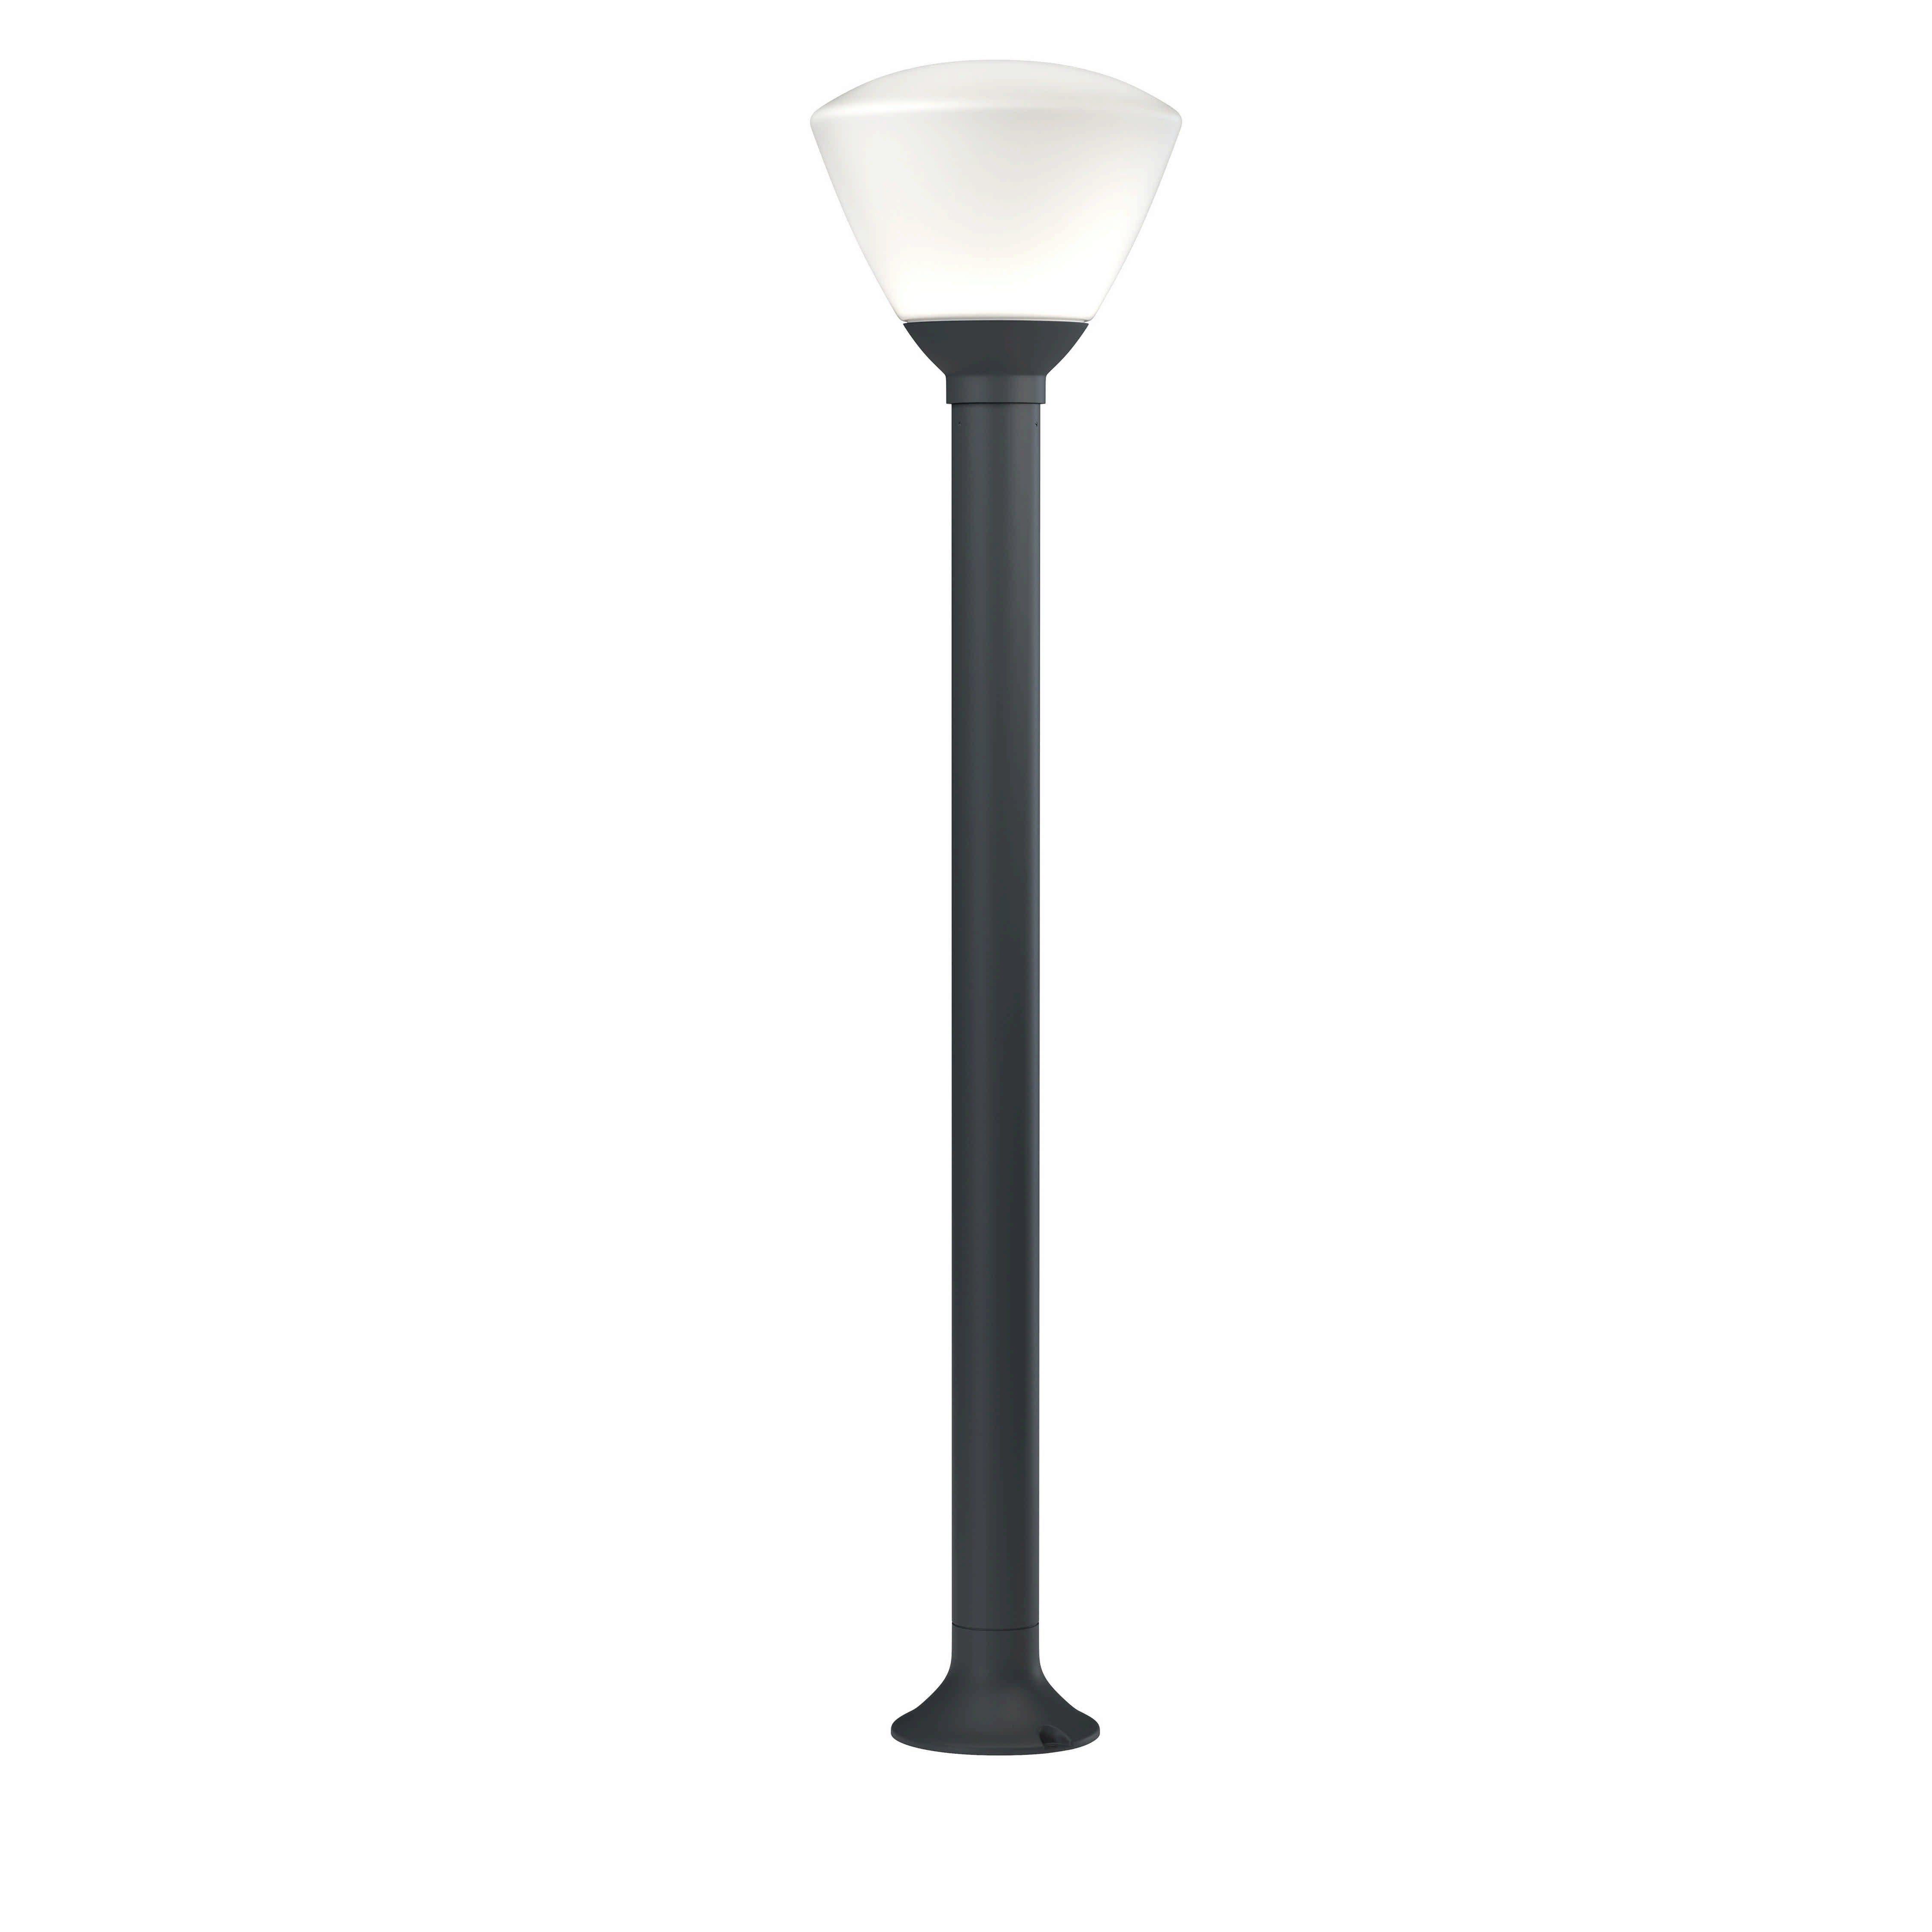 LED-Stehleuchte zur Wegebeleuchtung im Außenbereich »ENDURA STYLE Lantern Bowl 92cm 7W«